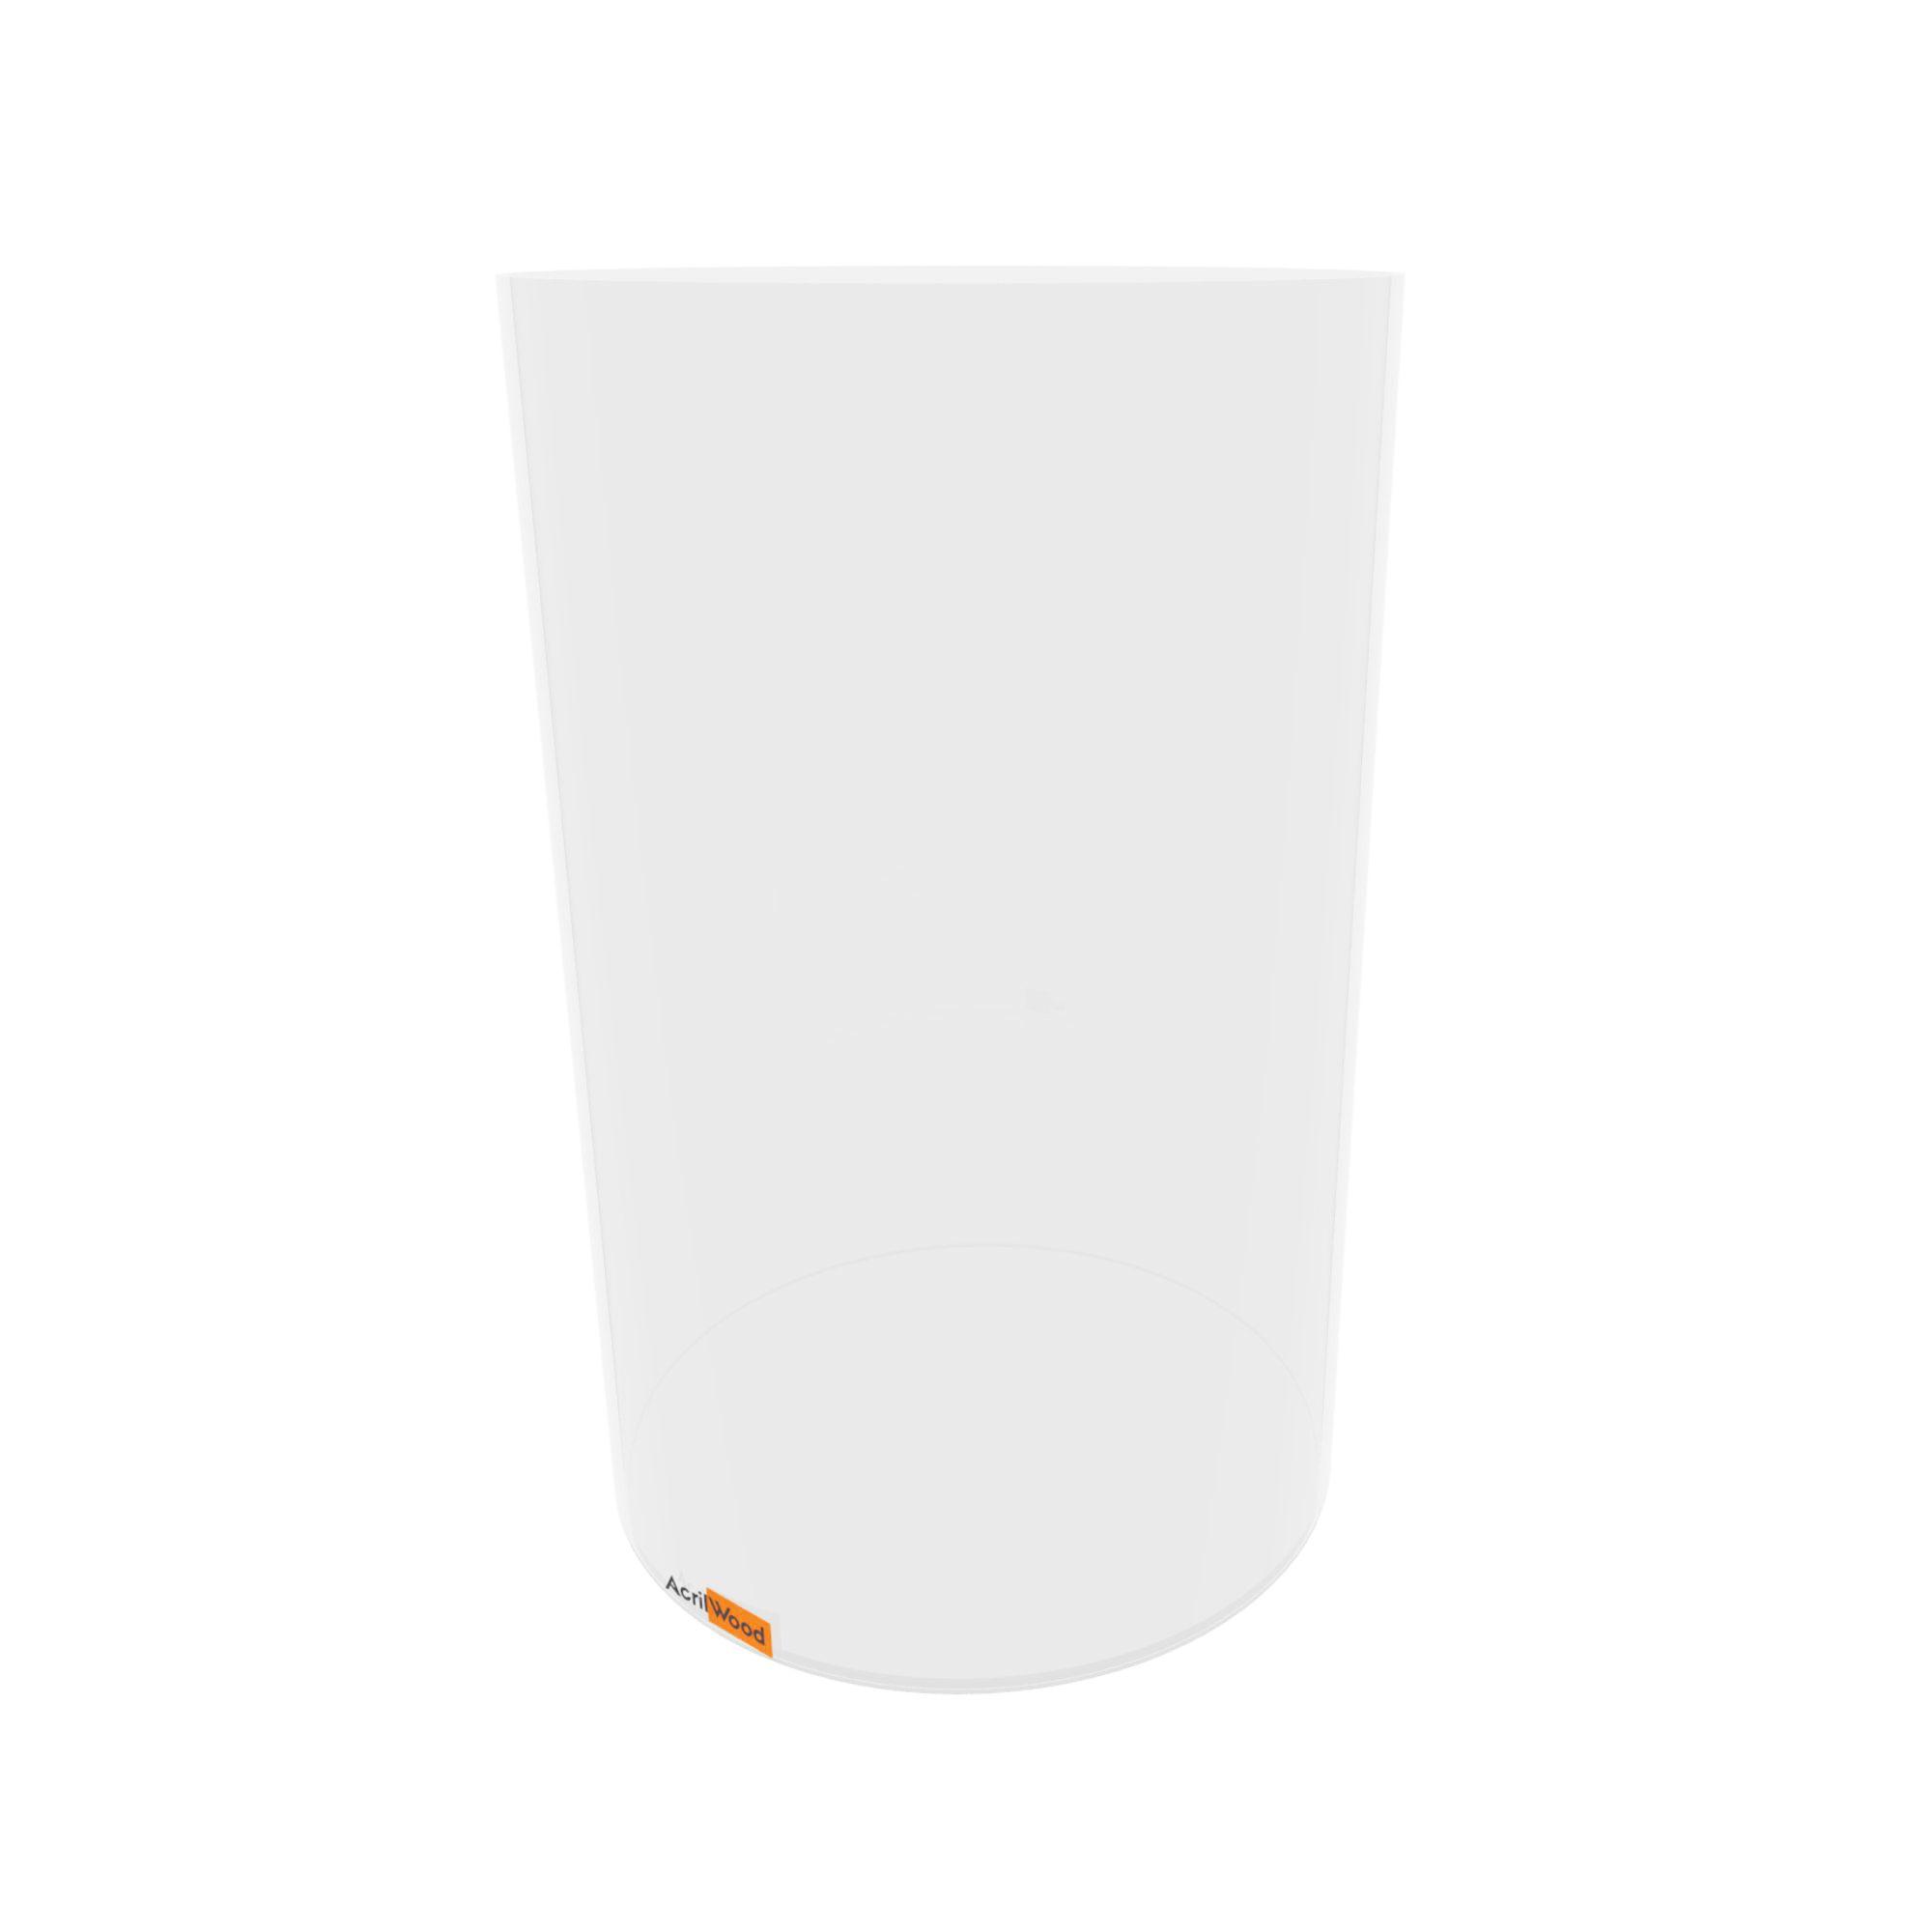 Pote Redondo Em Acrílico Cristal Para Alimentos - 25x40cm